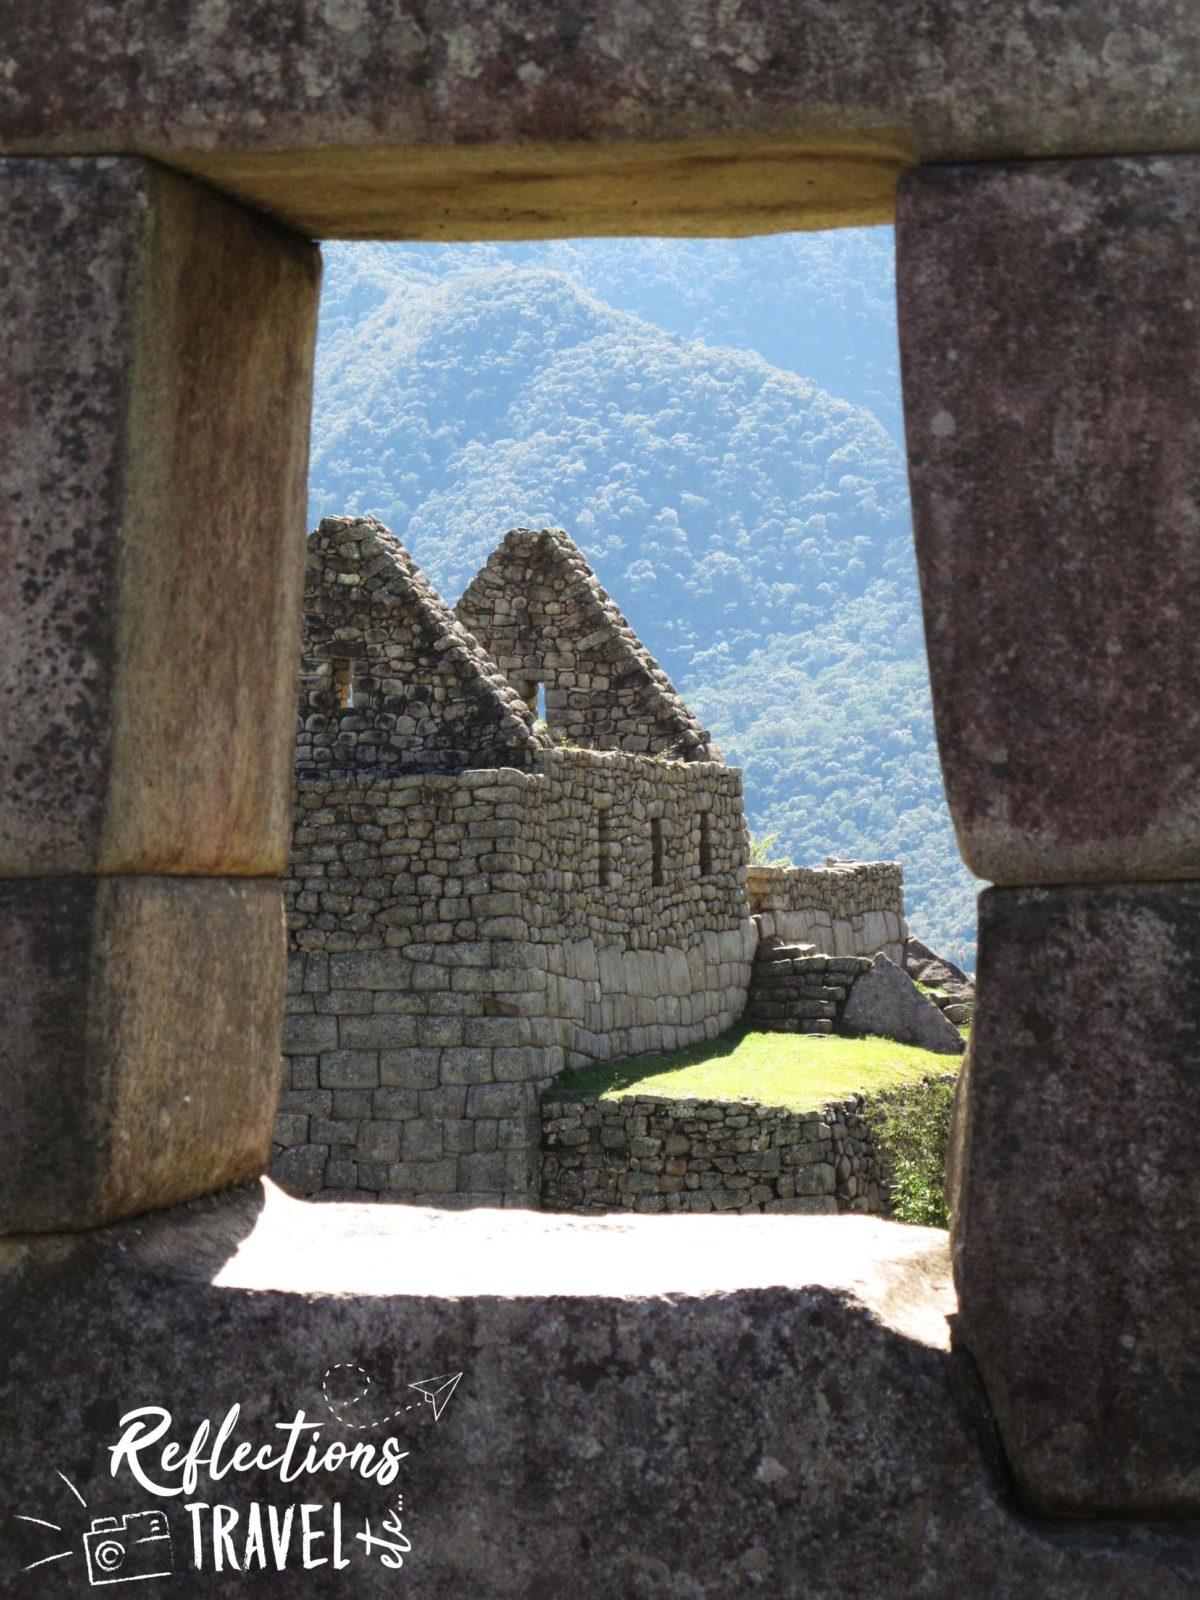 Peru: Inca Trail and Machu Picchu Photo Gallery